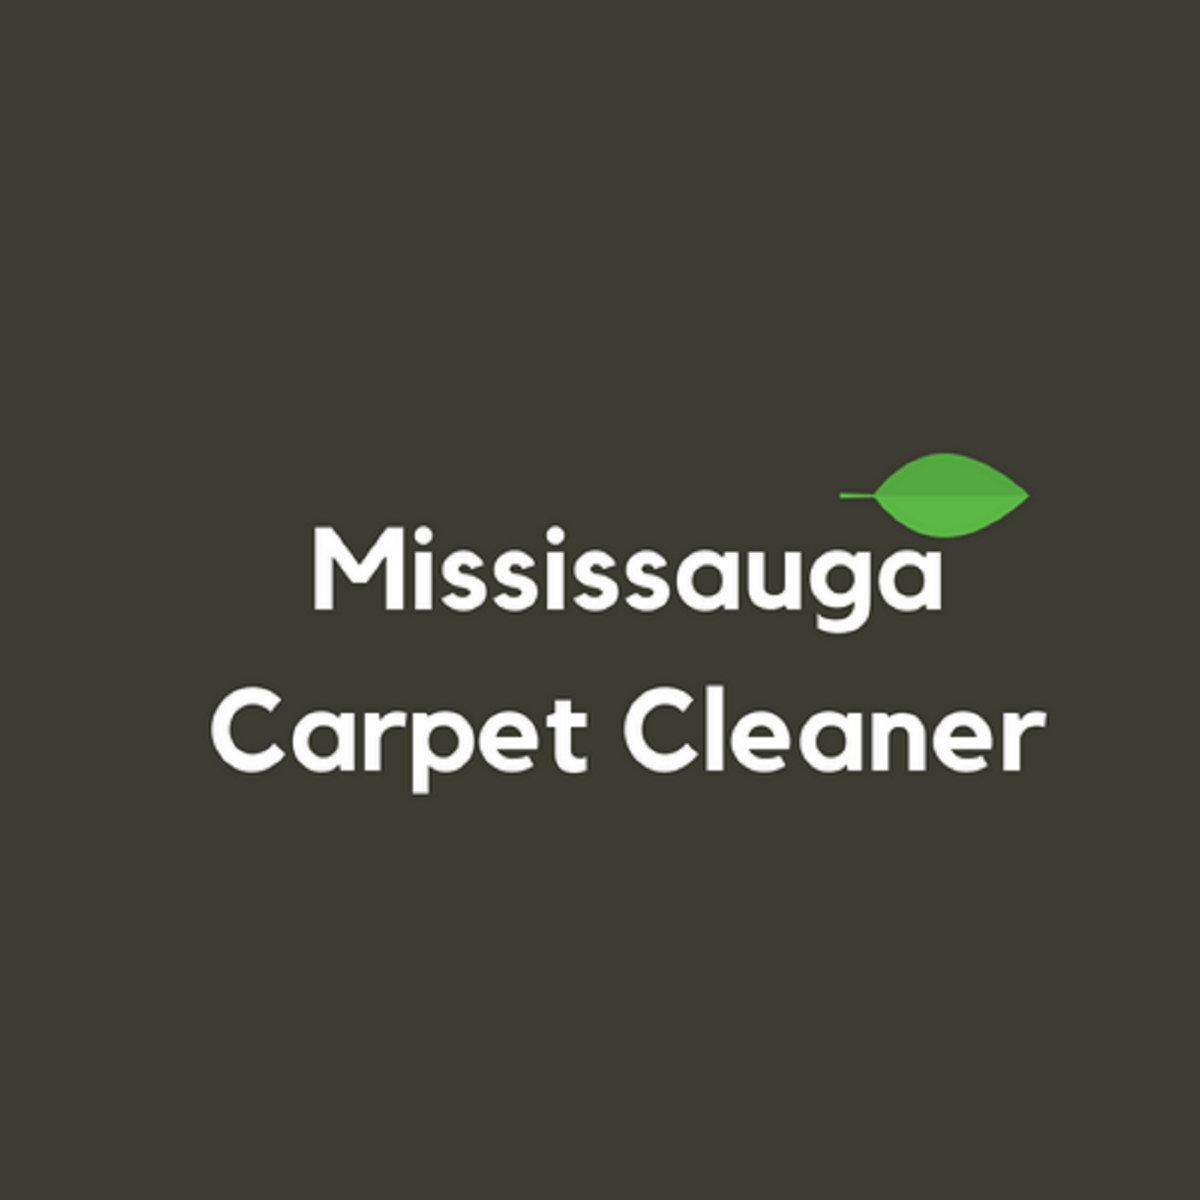 Mississauga Carpet Cleaner